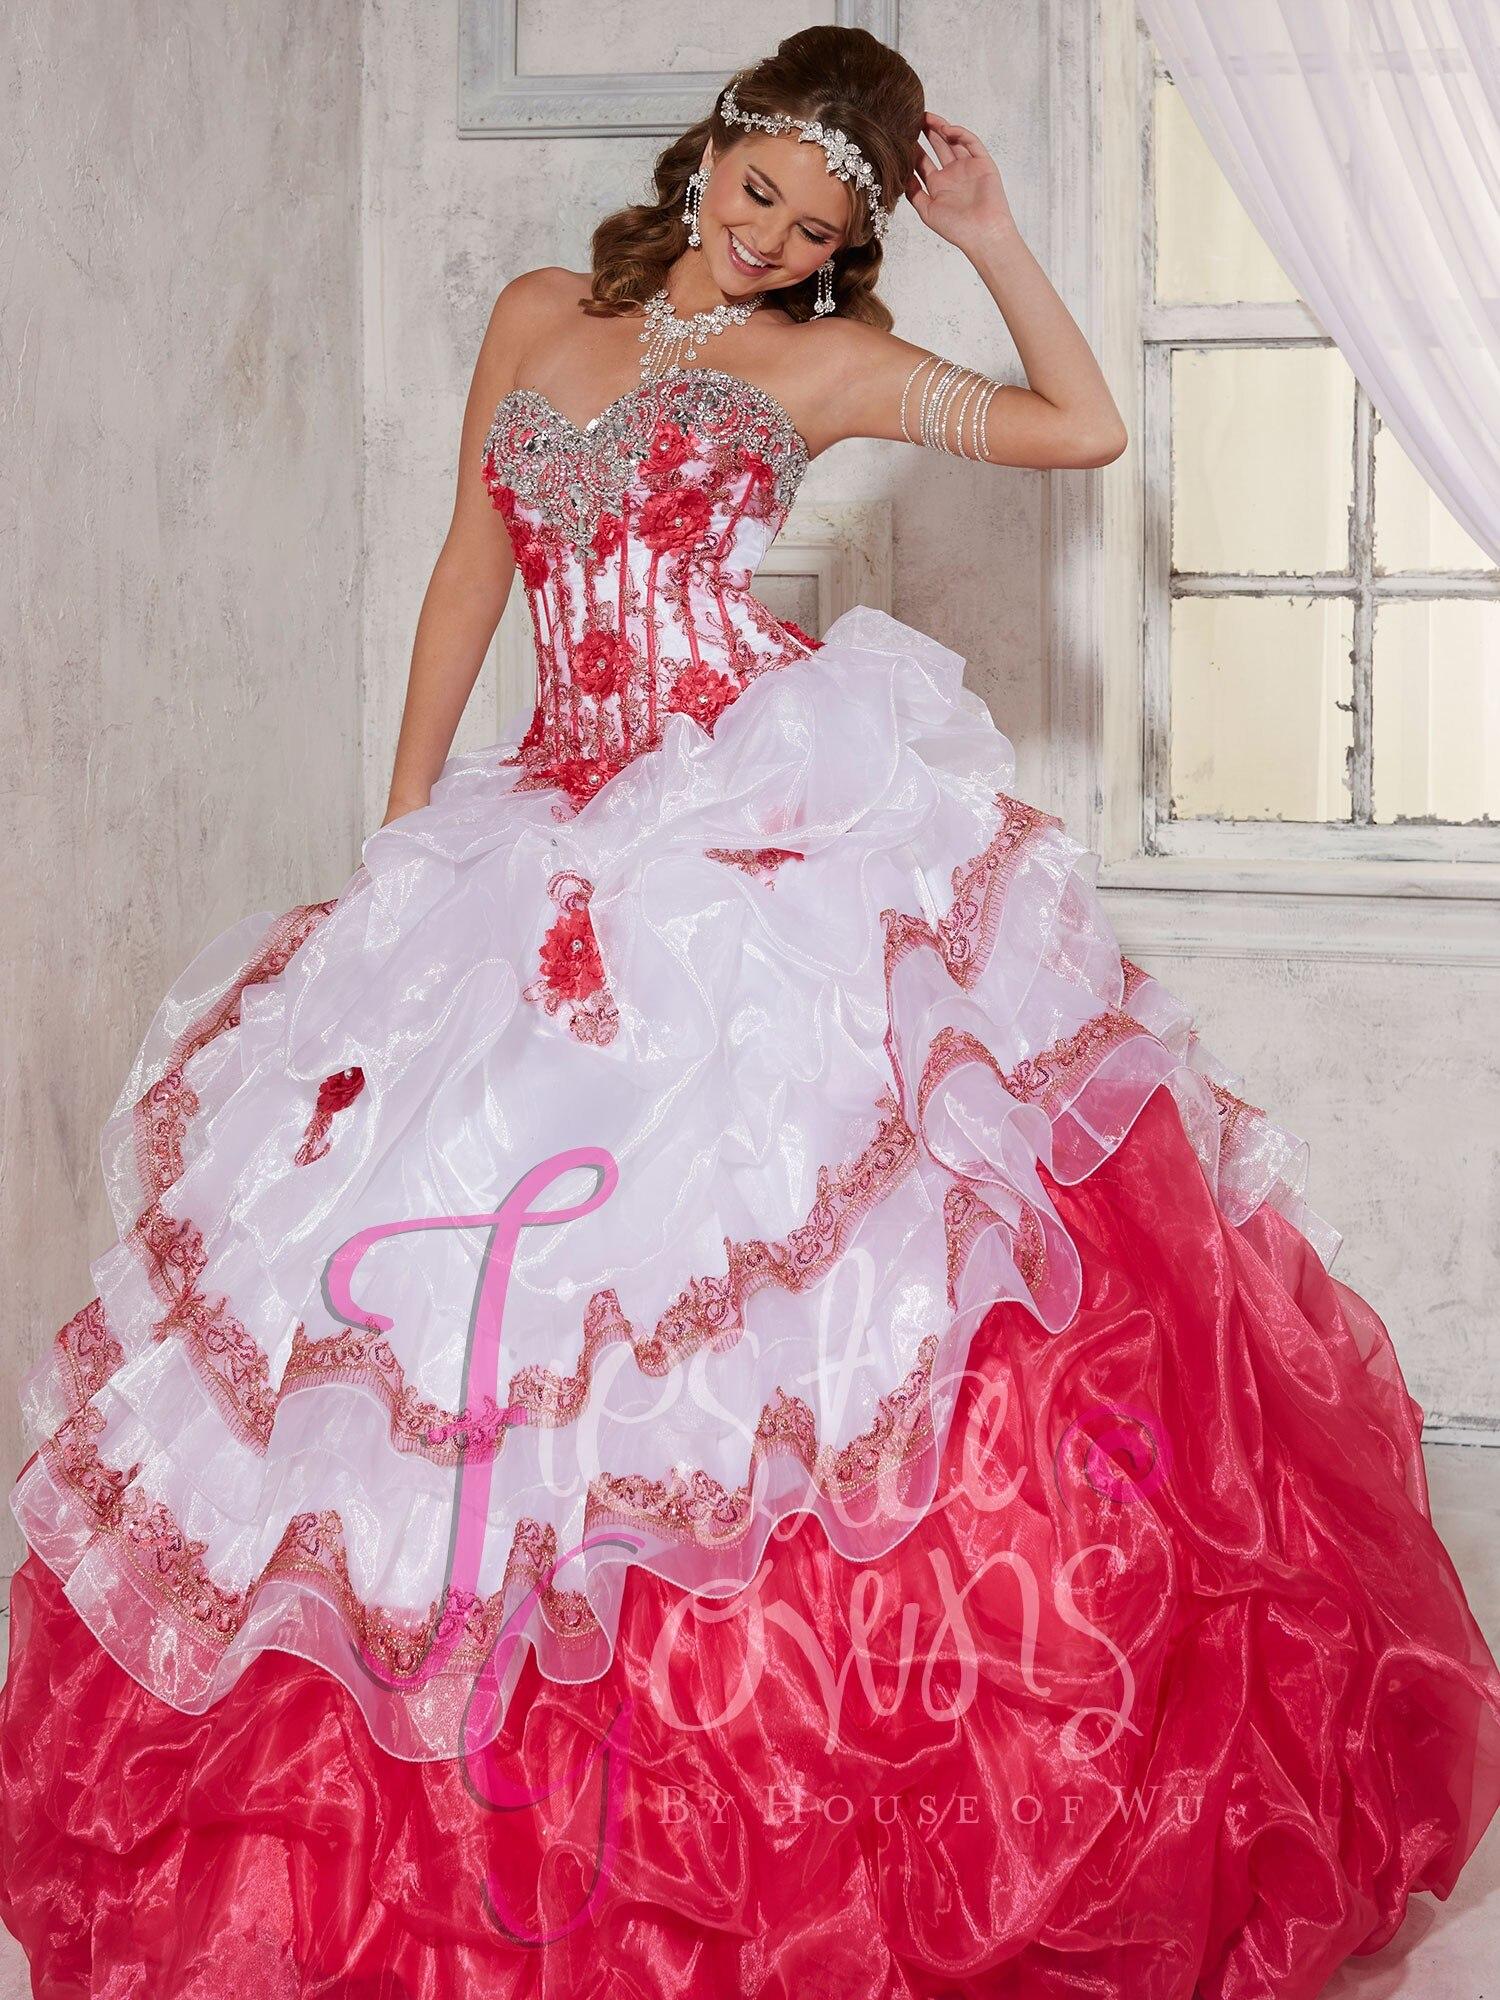 Vistoso Rojos Vestidos De Fiesta Poofy Colección - Ideas de Estilos ...